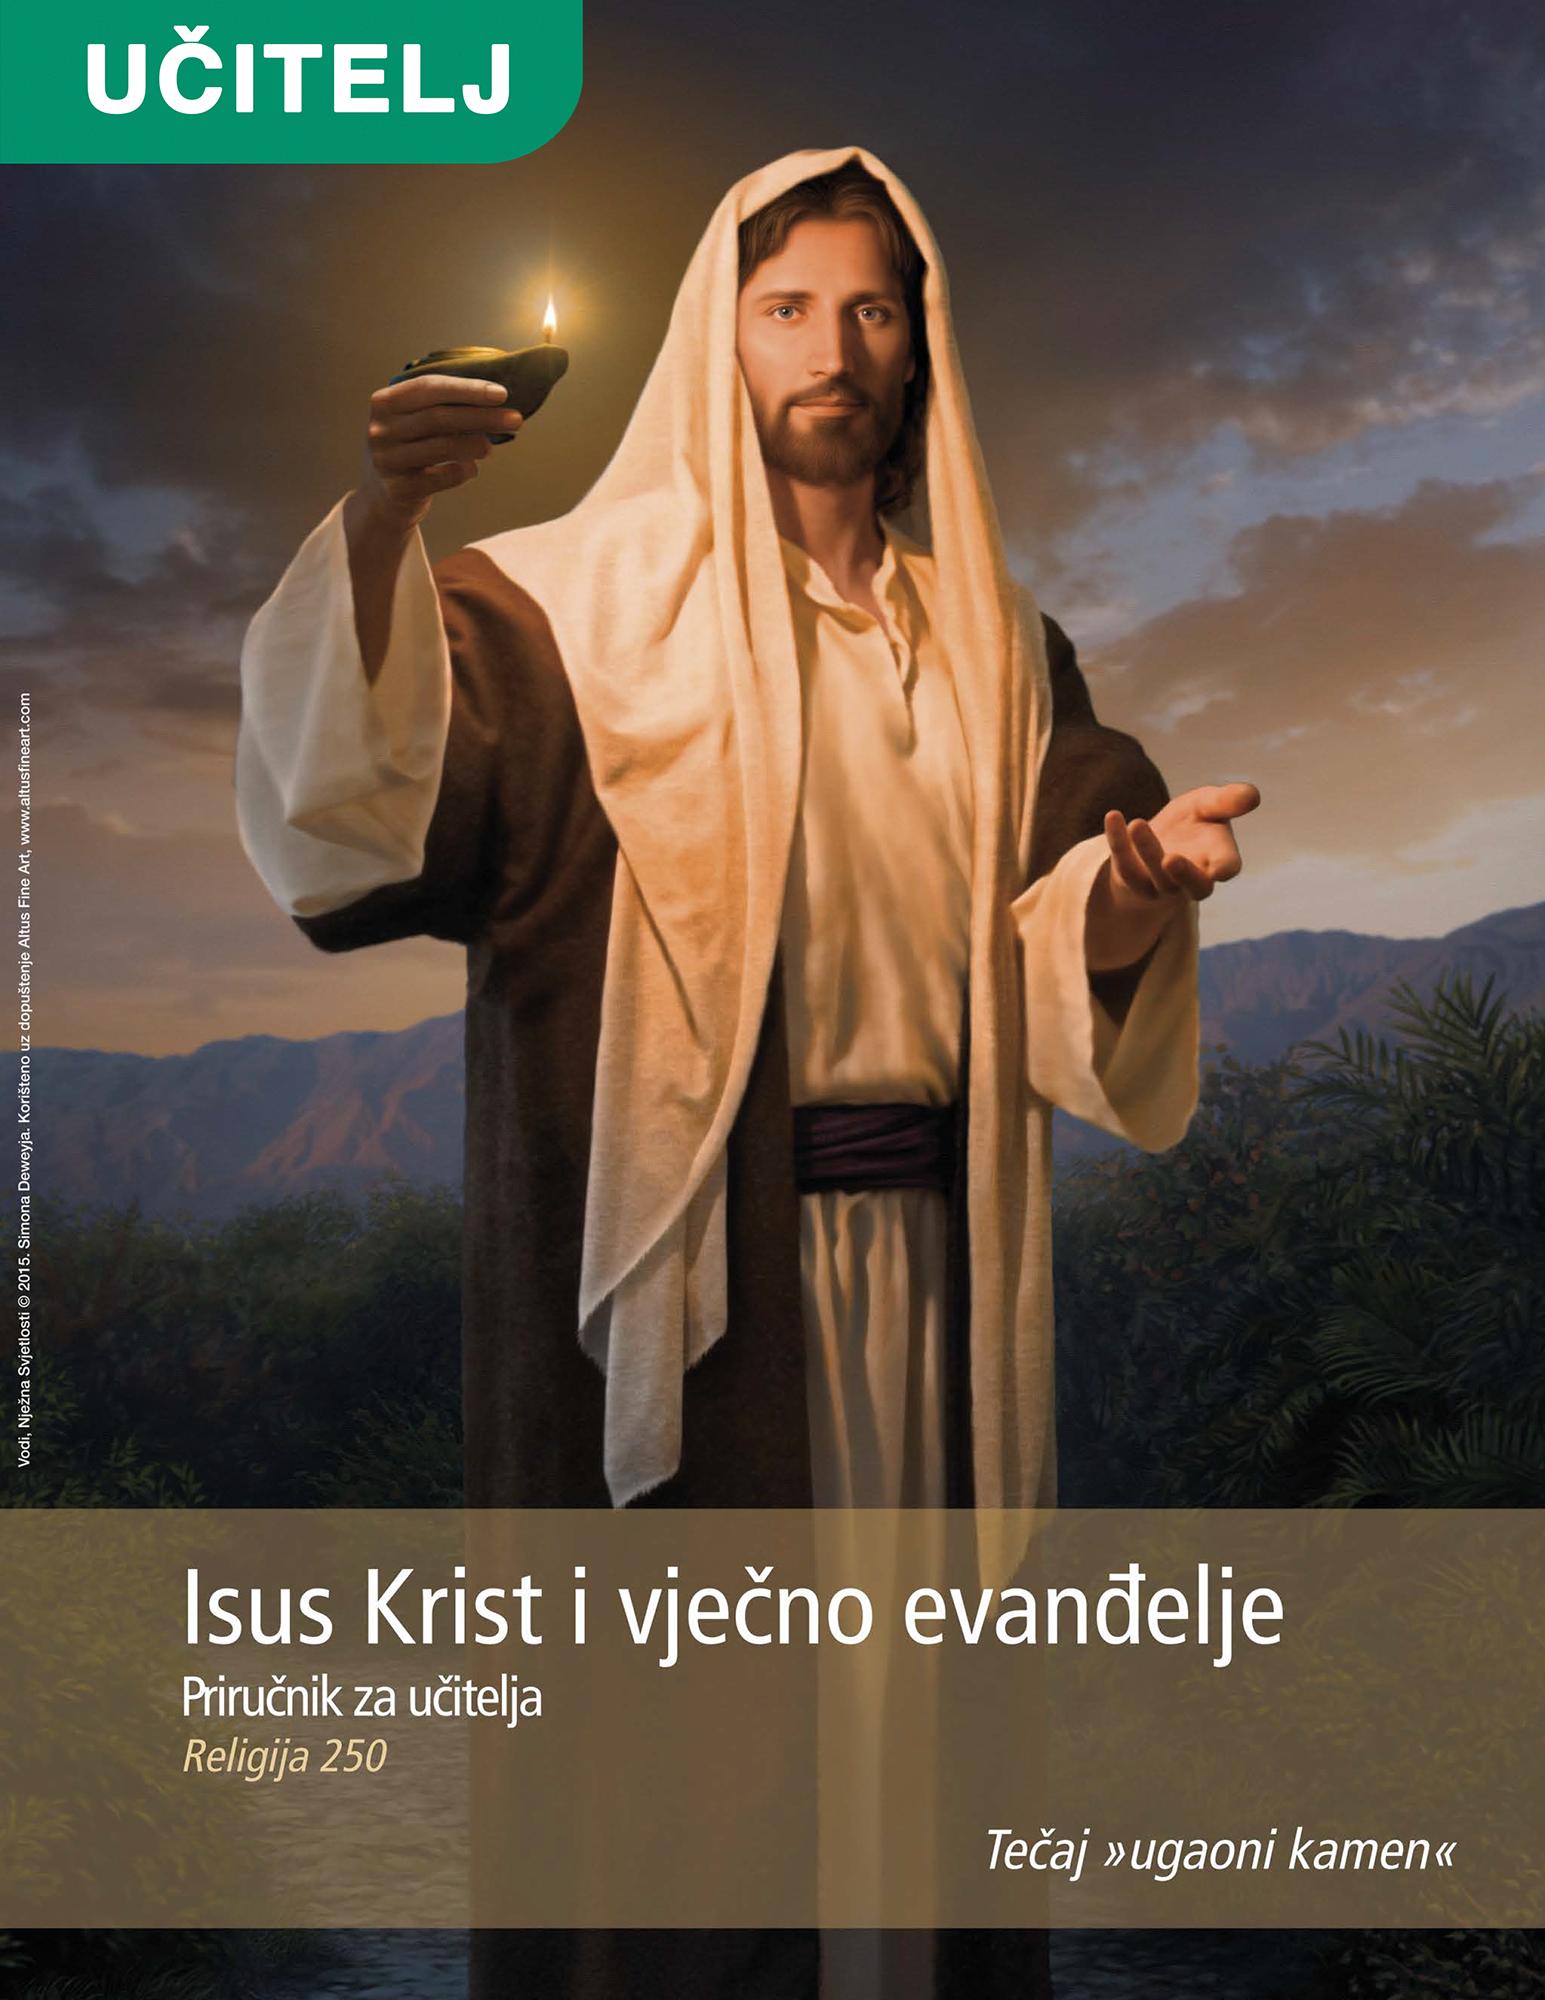 Isus Krist i vječno evanđelje – priručnik za učitelje (Rel 250)